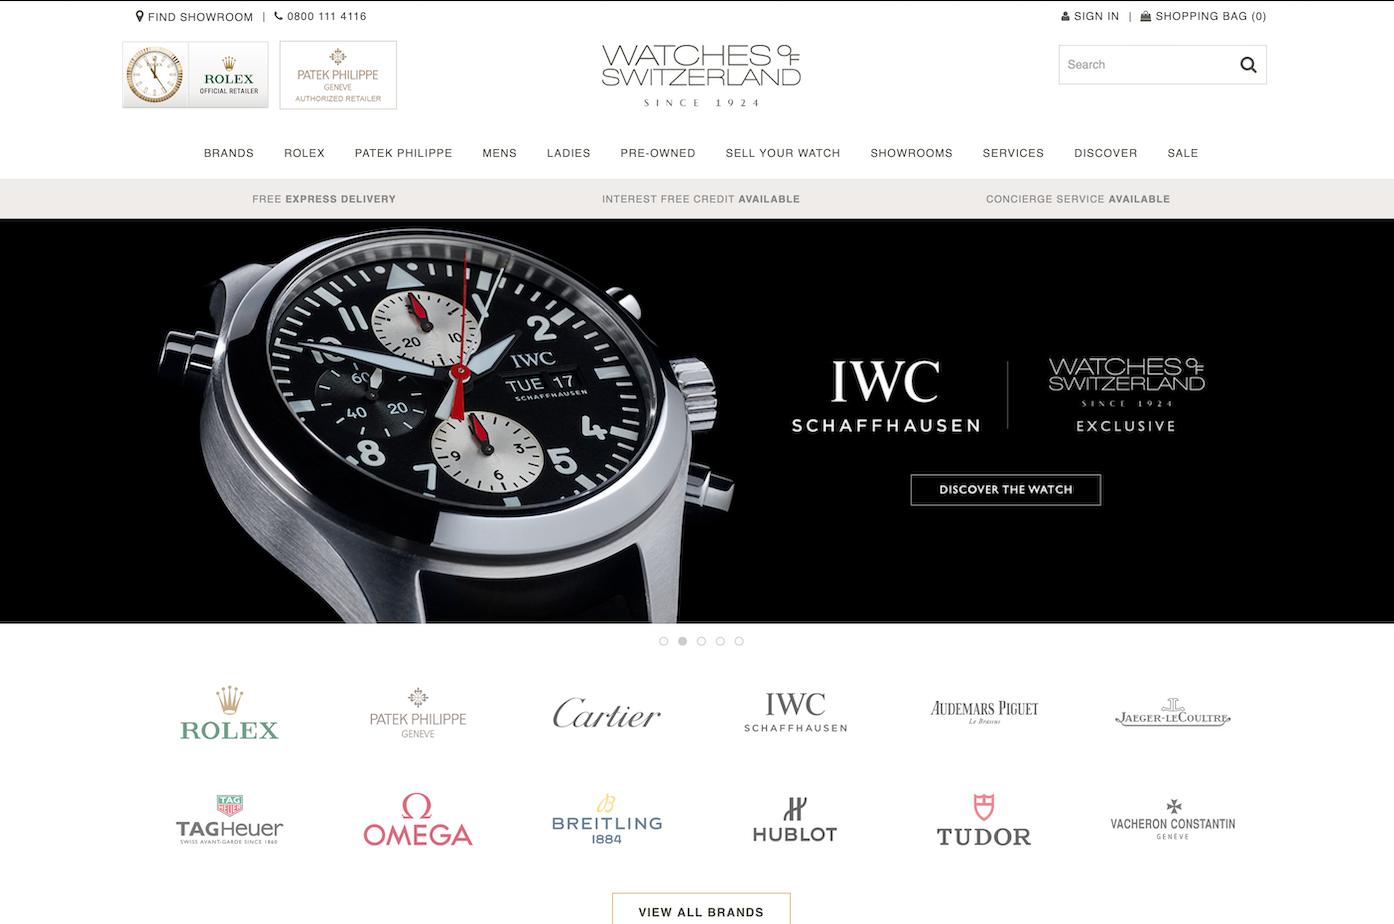 英国最大奢侈手表珠宝分销商 Watches of Switzerland 上市首日股价涨15%,市值6.47亿英镑